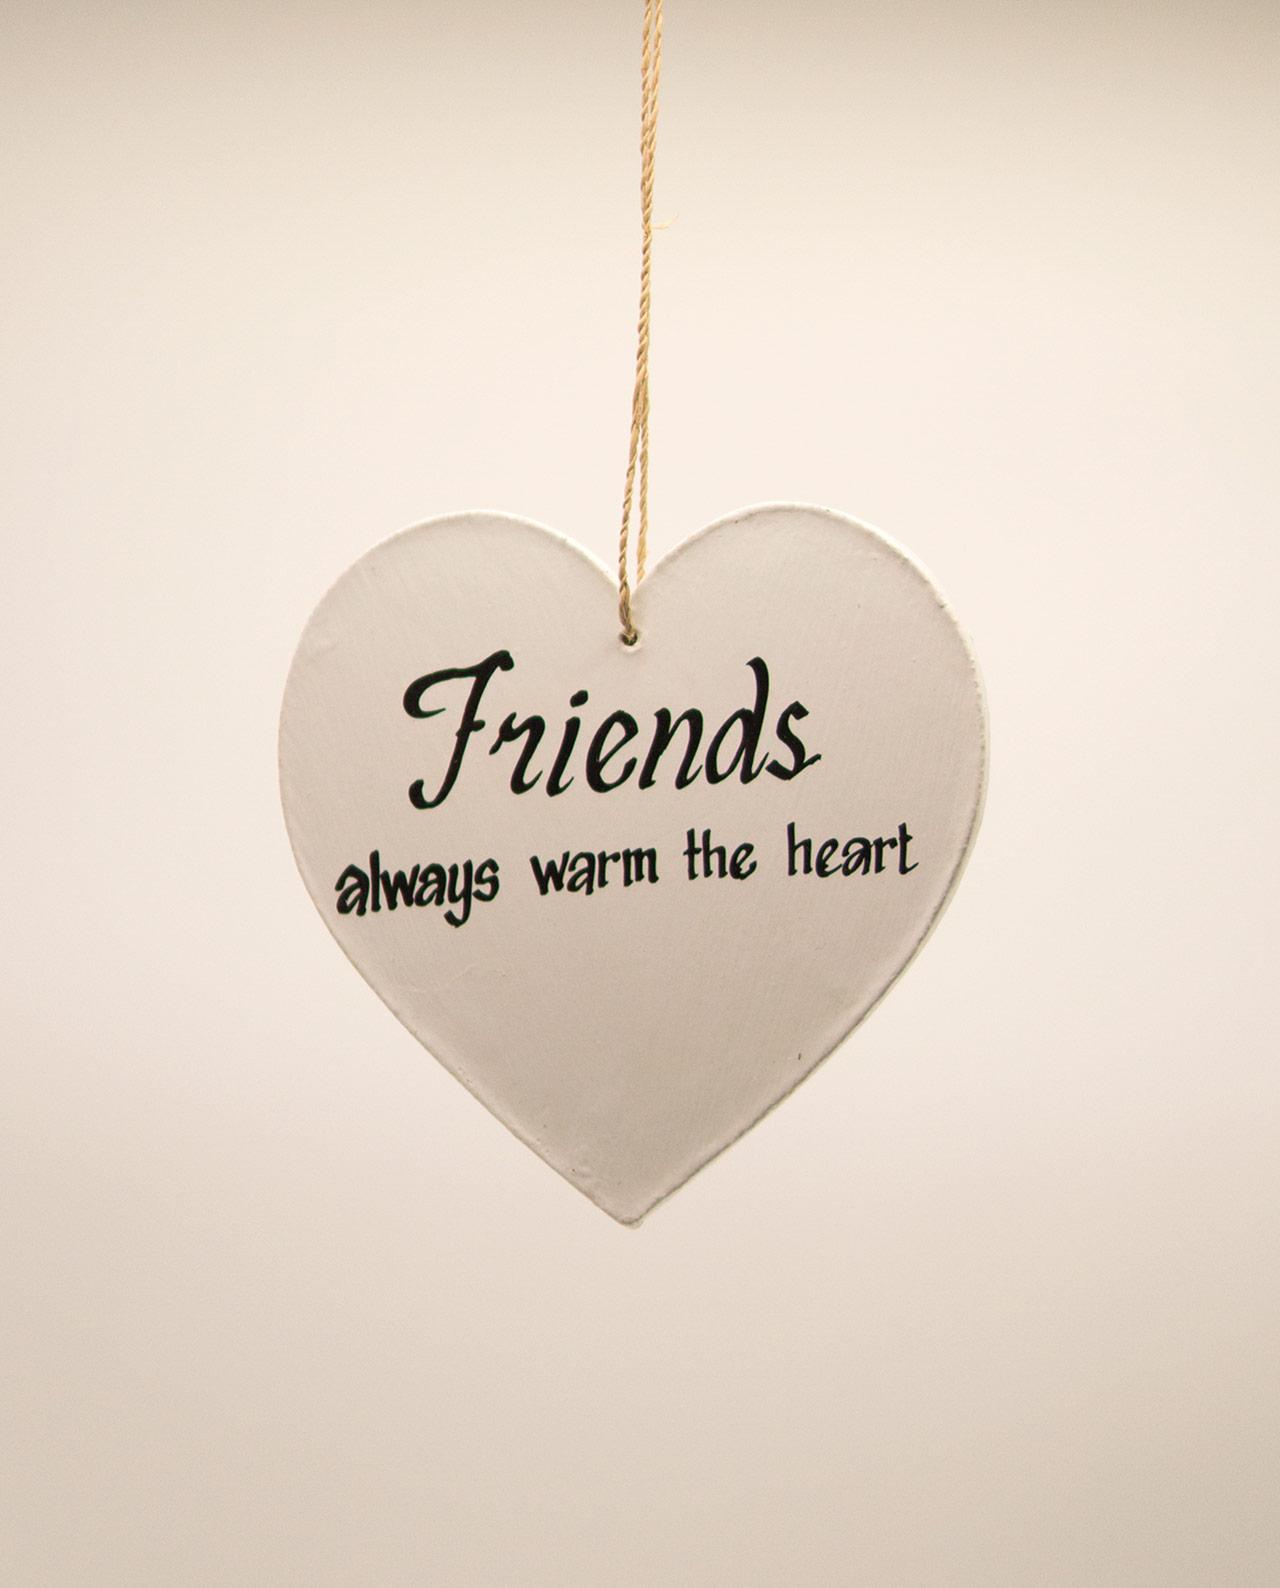 Καρδιά ξύλινη χειροποίητη της φιλίας διάμετρος 15 cm άσπρη